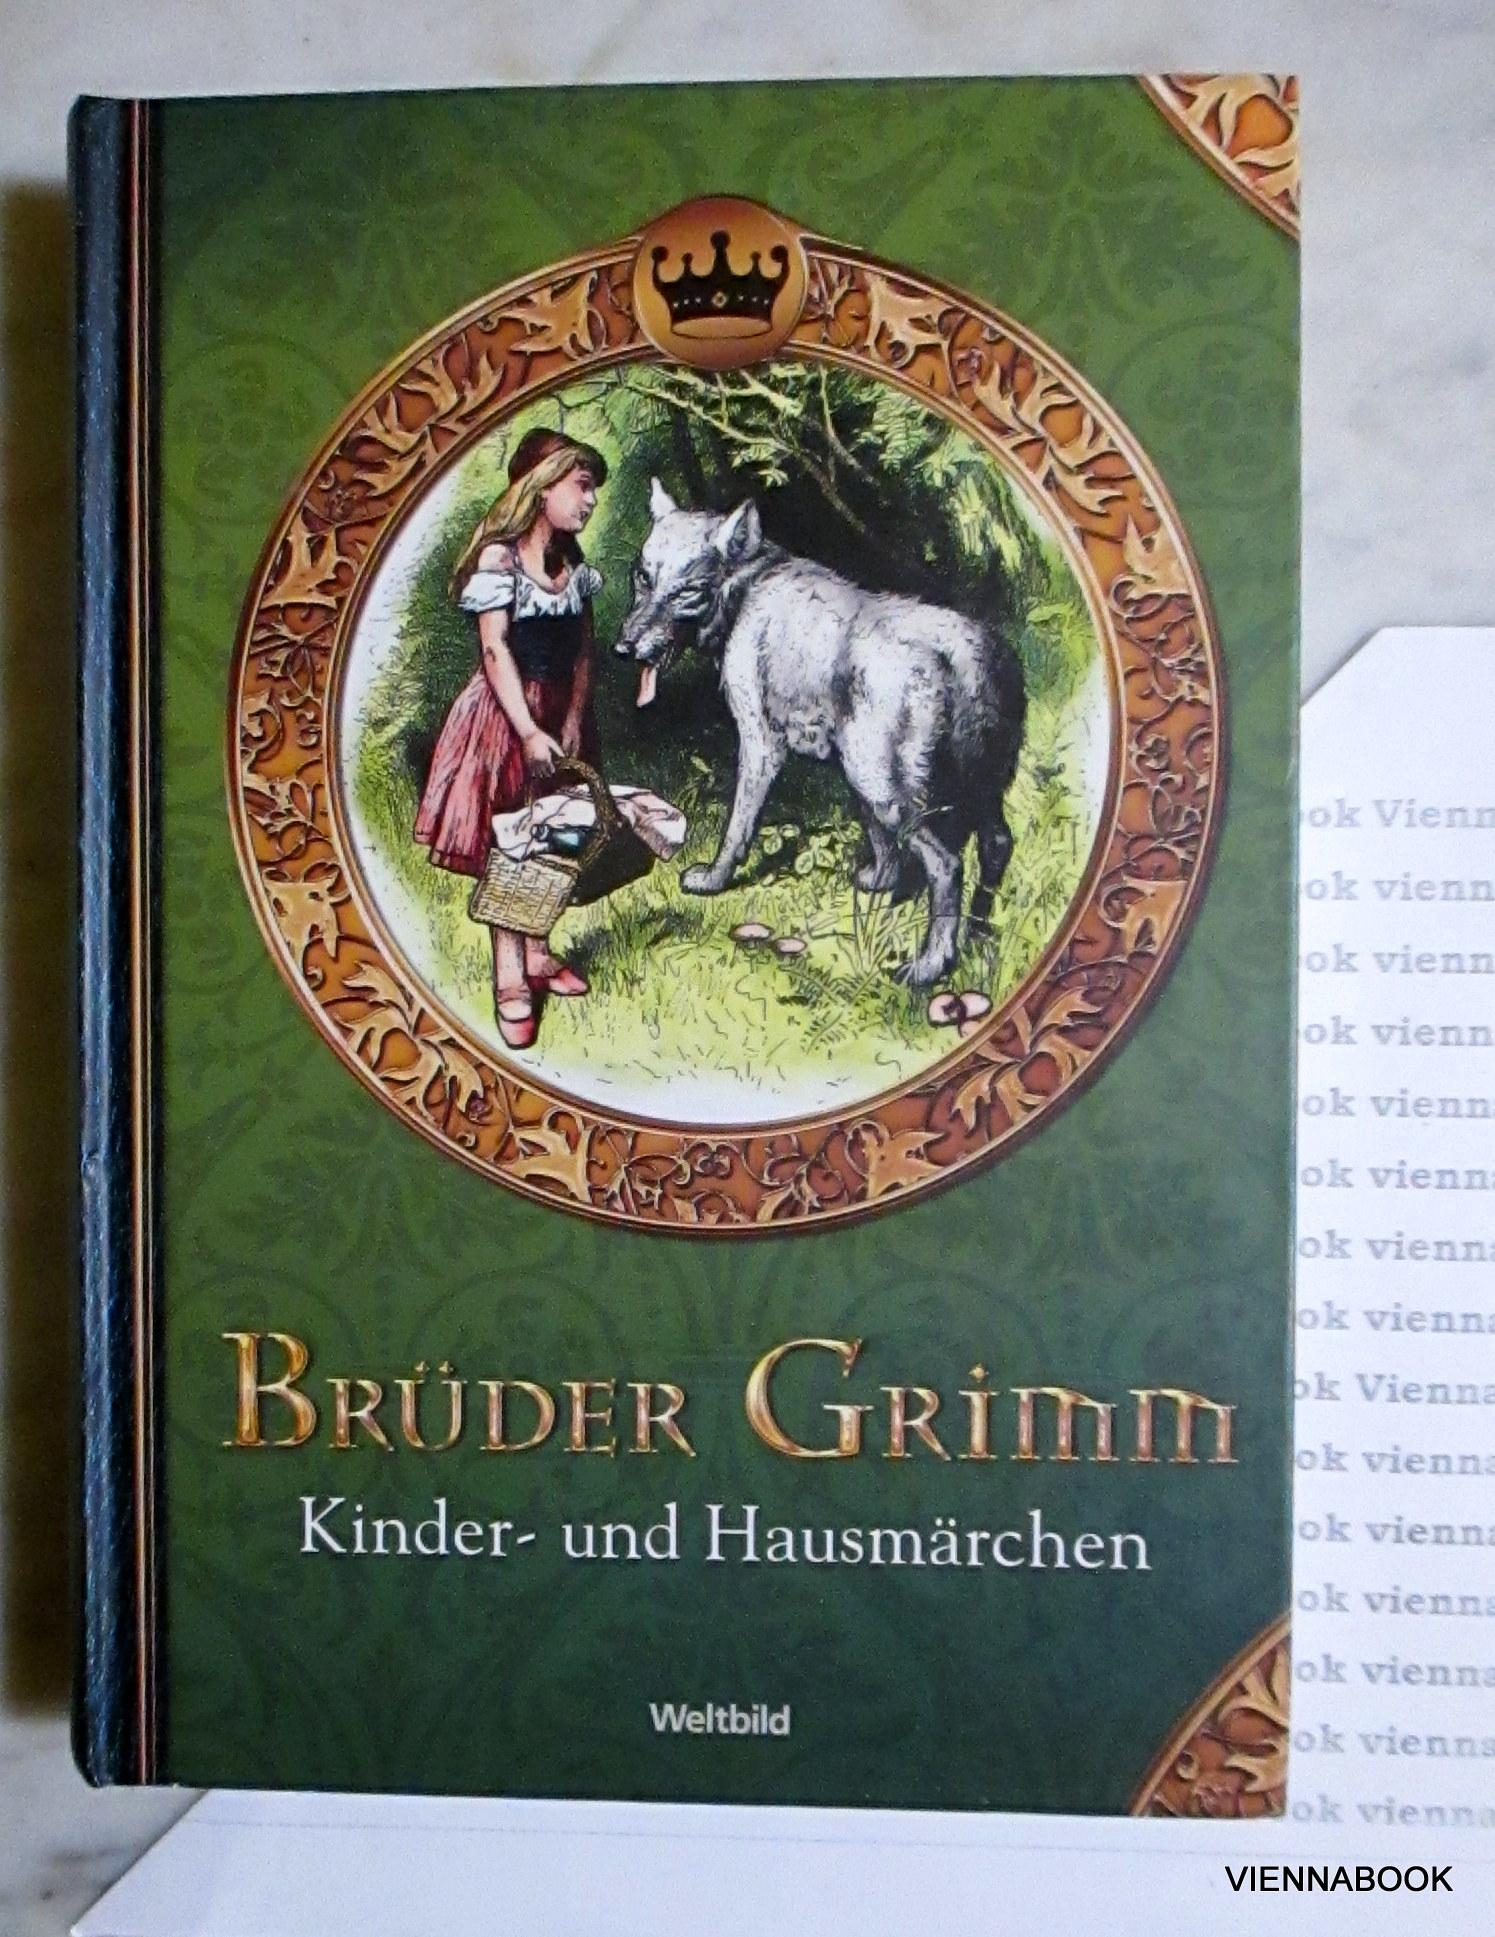 Brüder Grimm Kinder- und Hausmärchen (Weltbild Sammler: Brüder Grimm